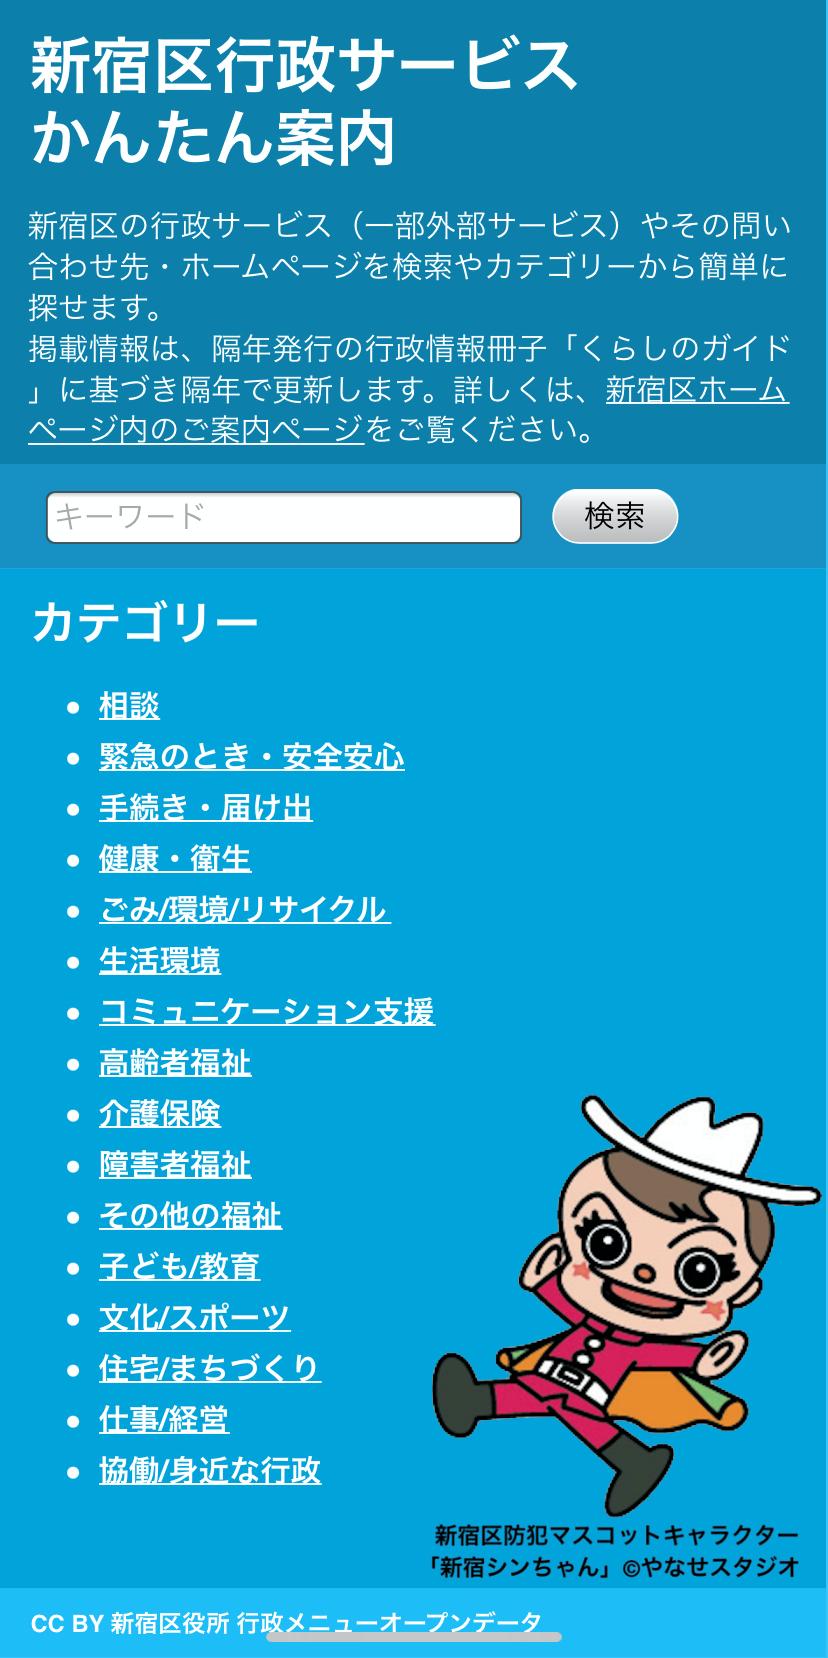 adm-service_sjk